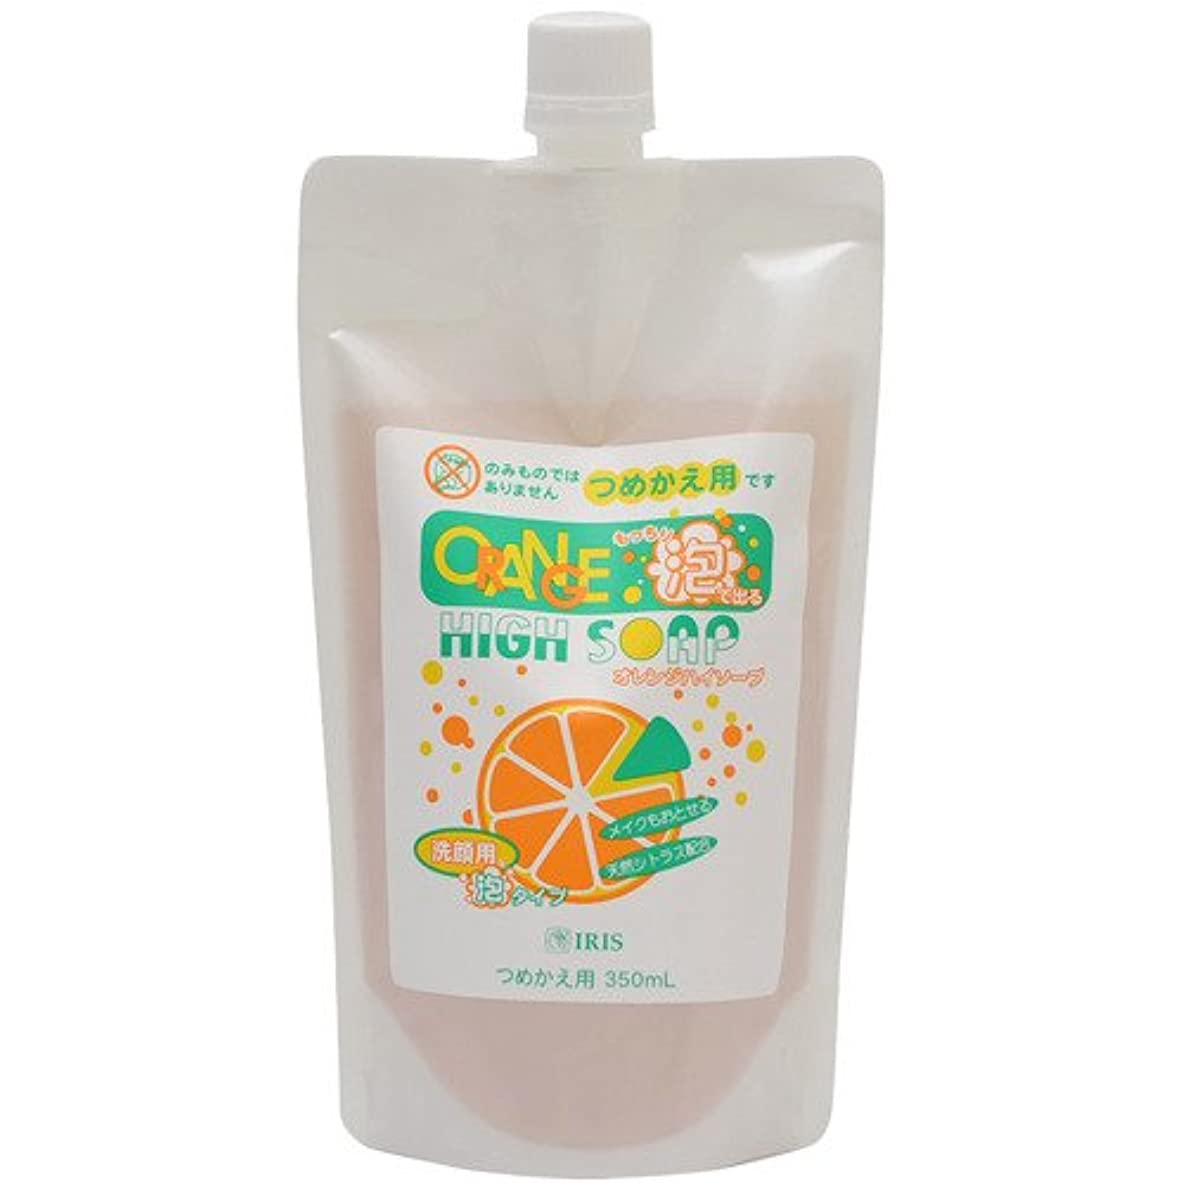 二週間メニュー自信があるオレンジハイソープ 洗顔用 泡タイプ ポンプ式 詰替用 350ml